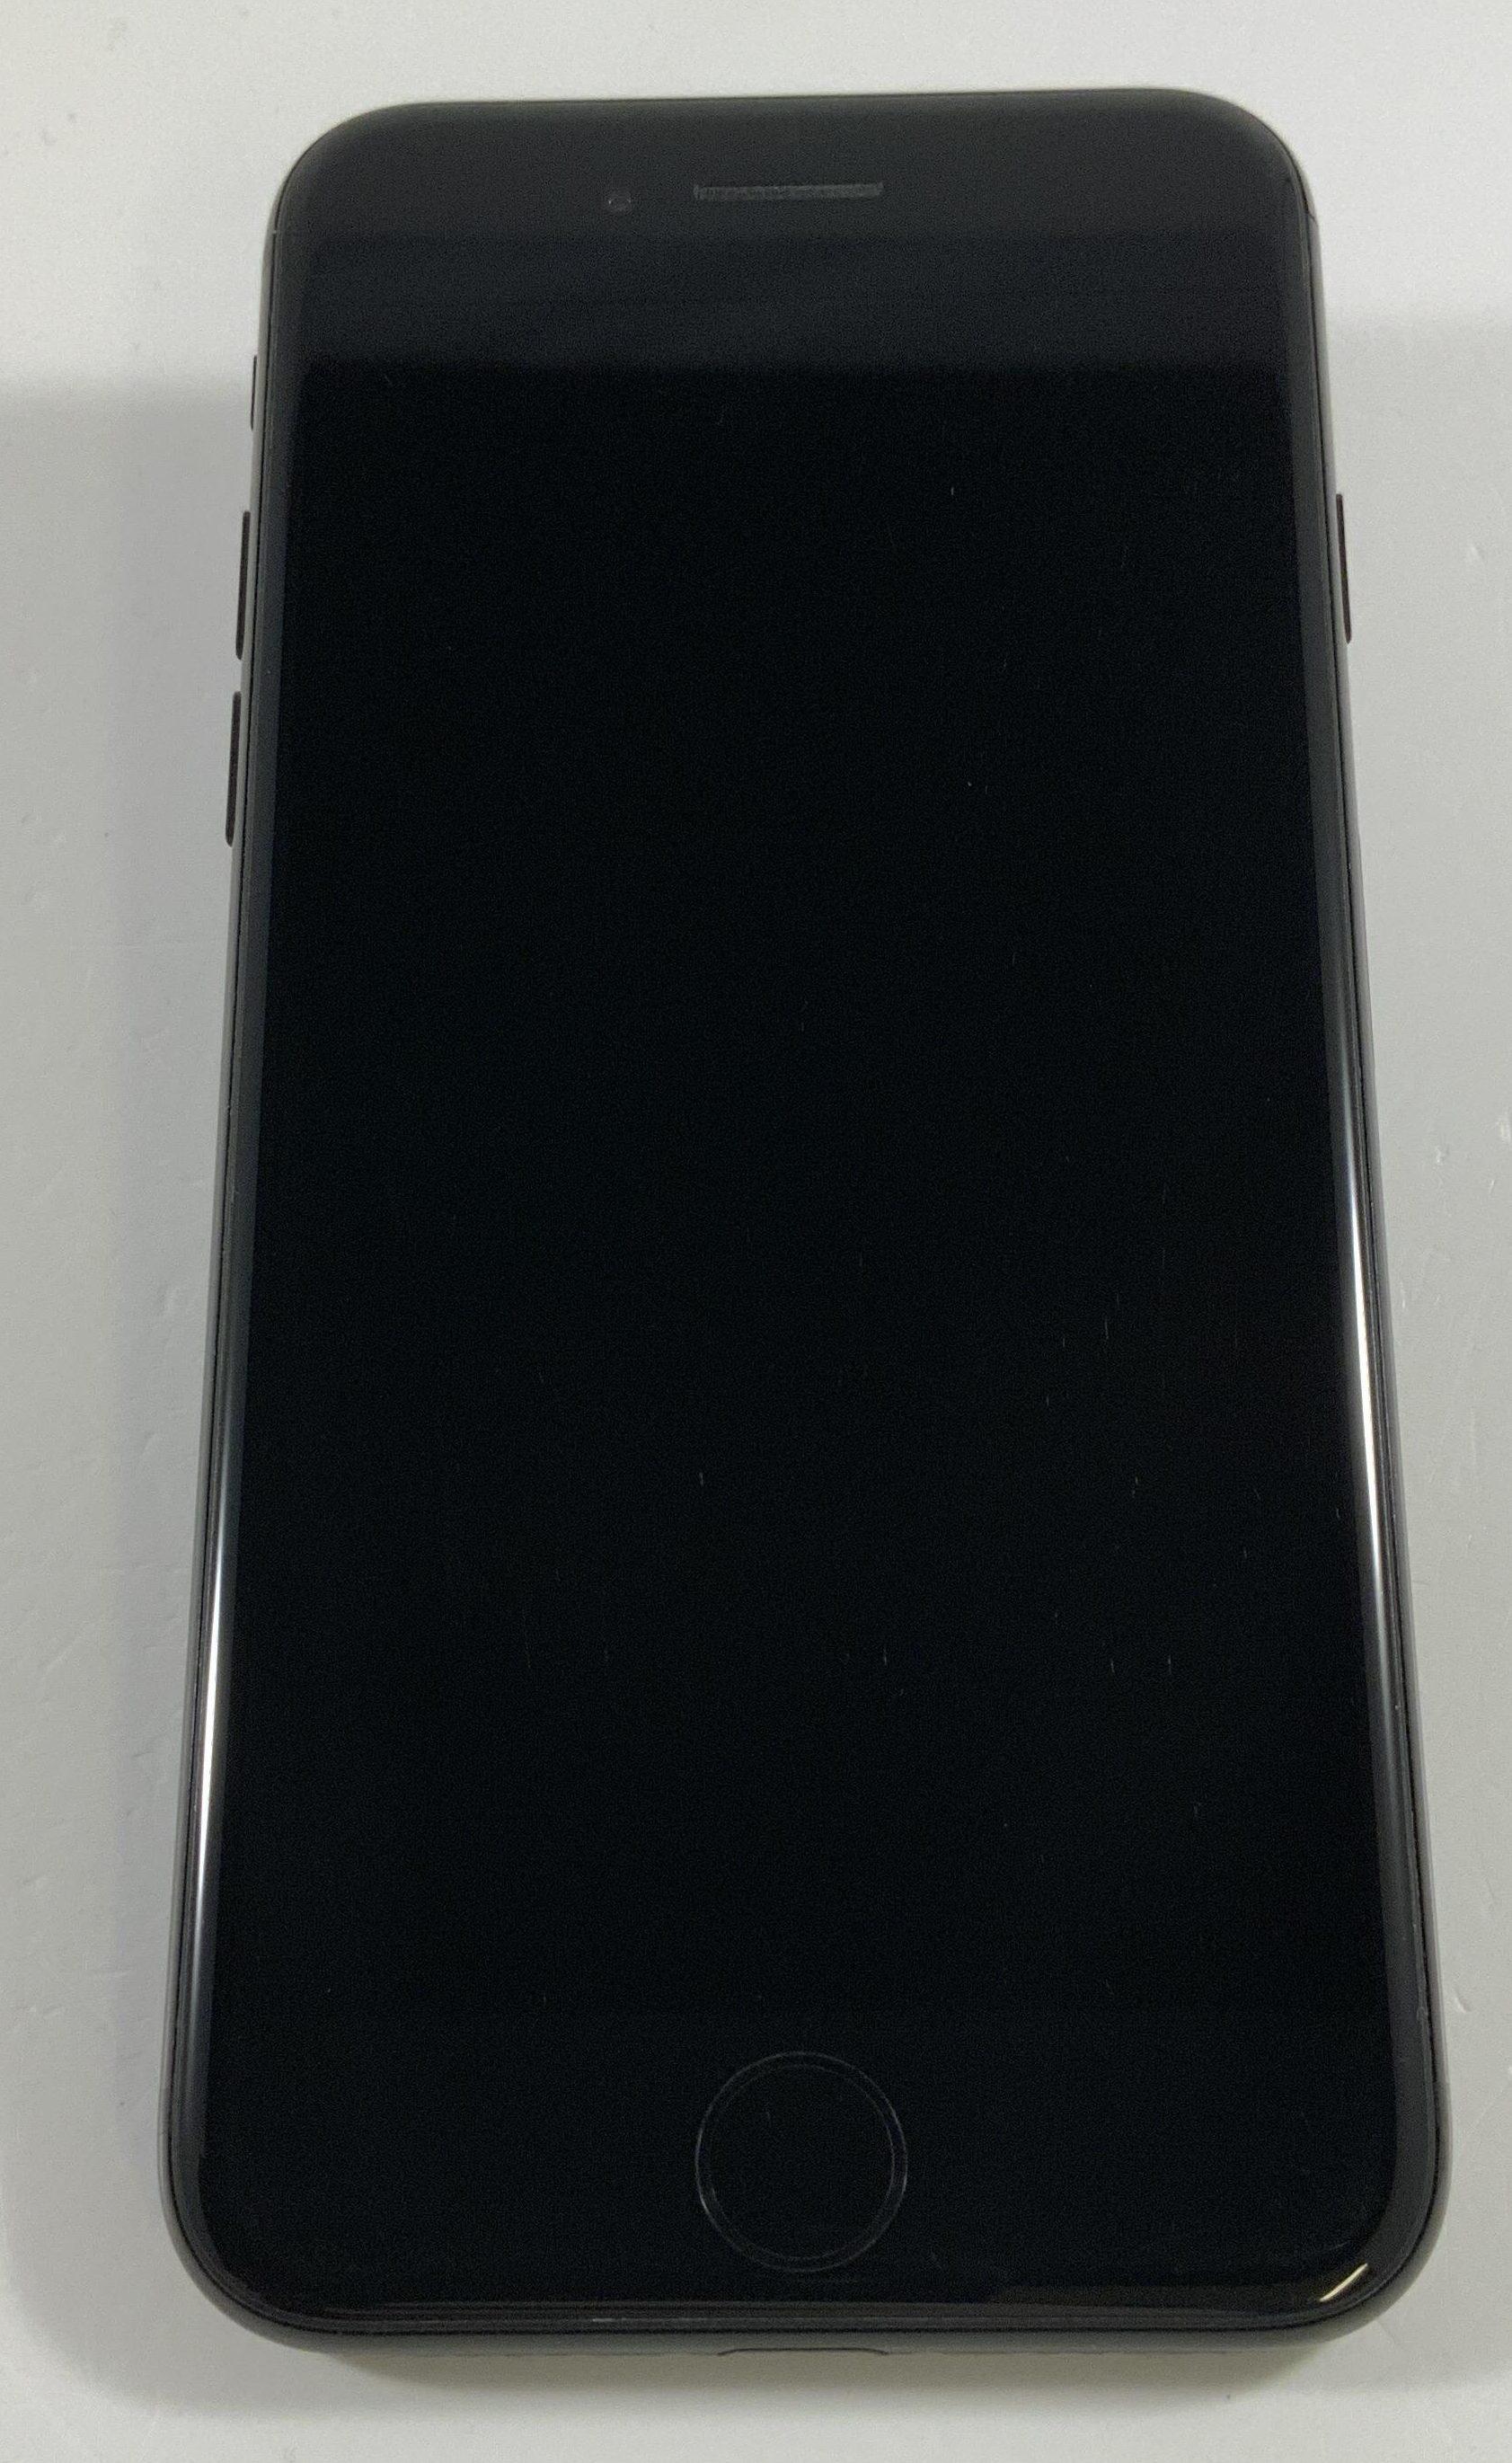 iPhone 7 128GB, 128GB, Jet Black, obraz 1